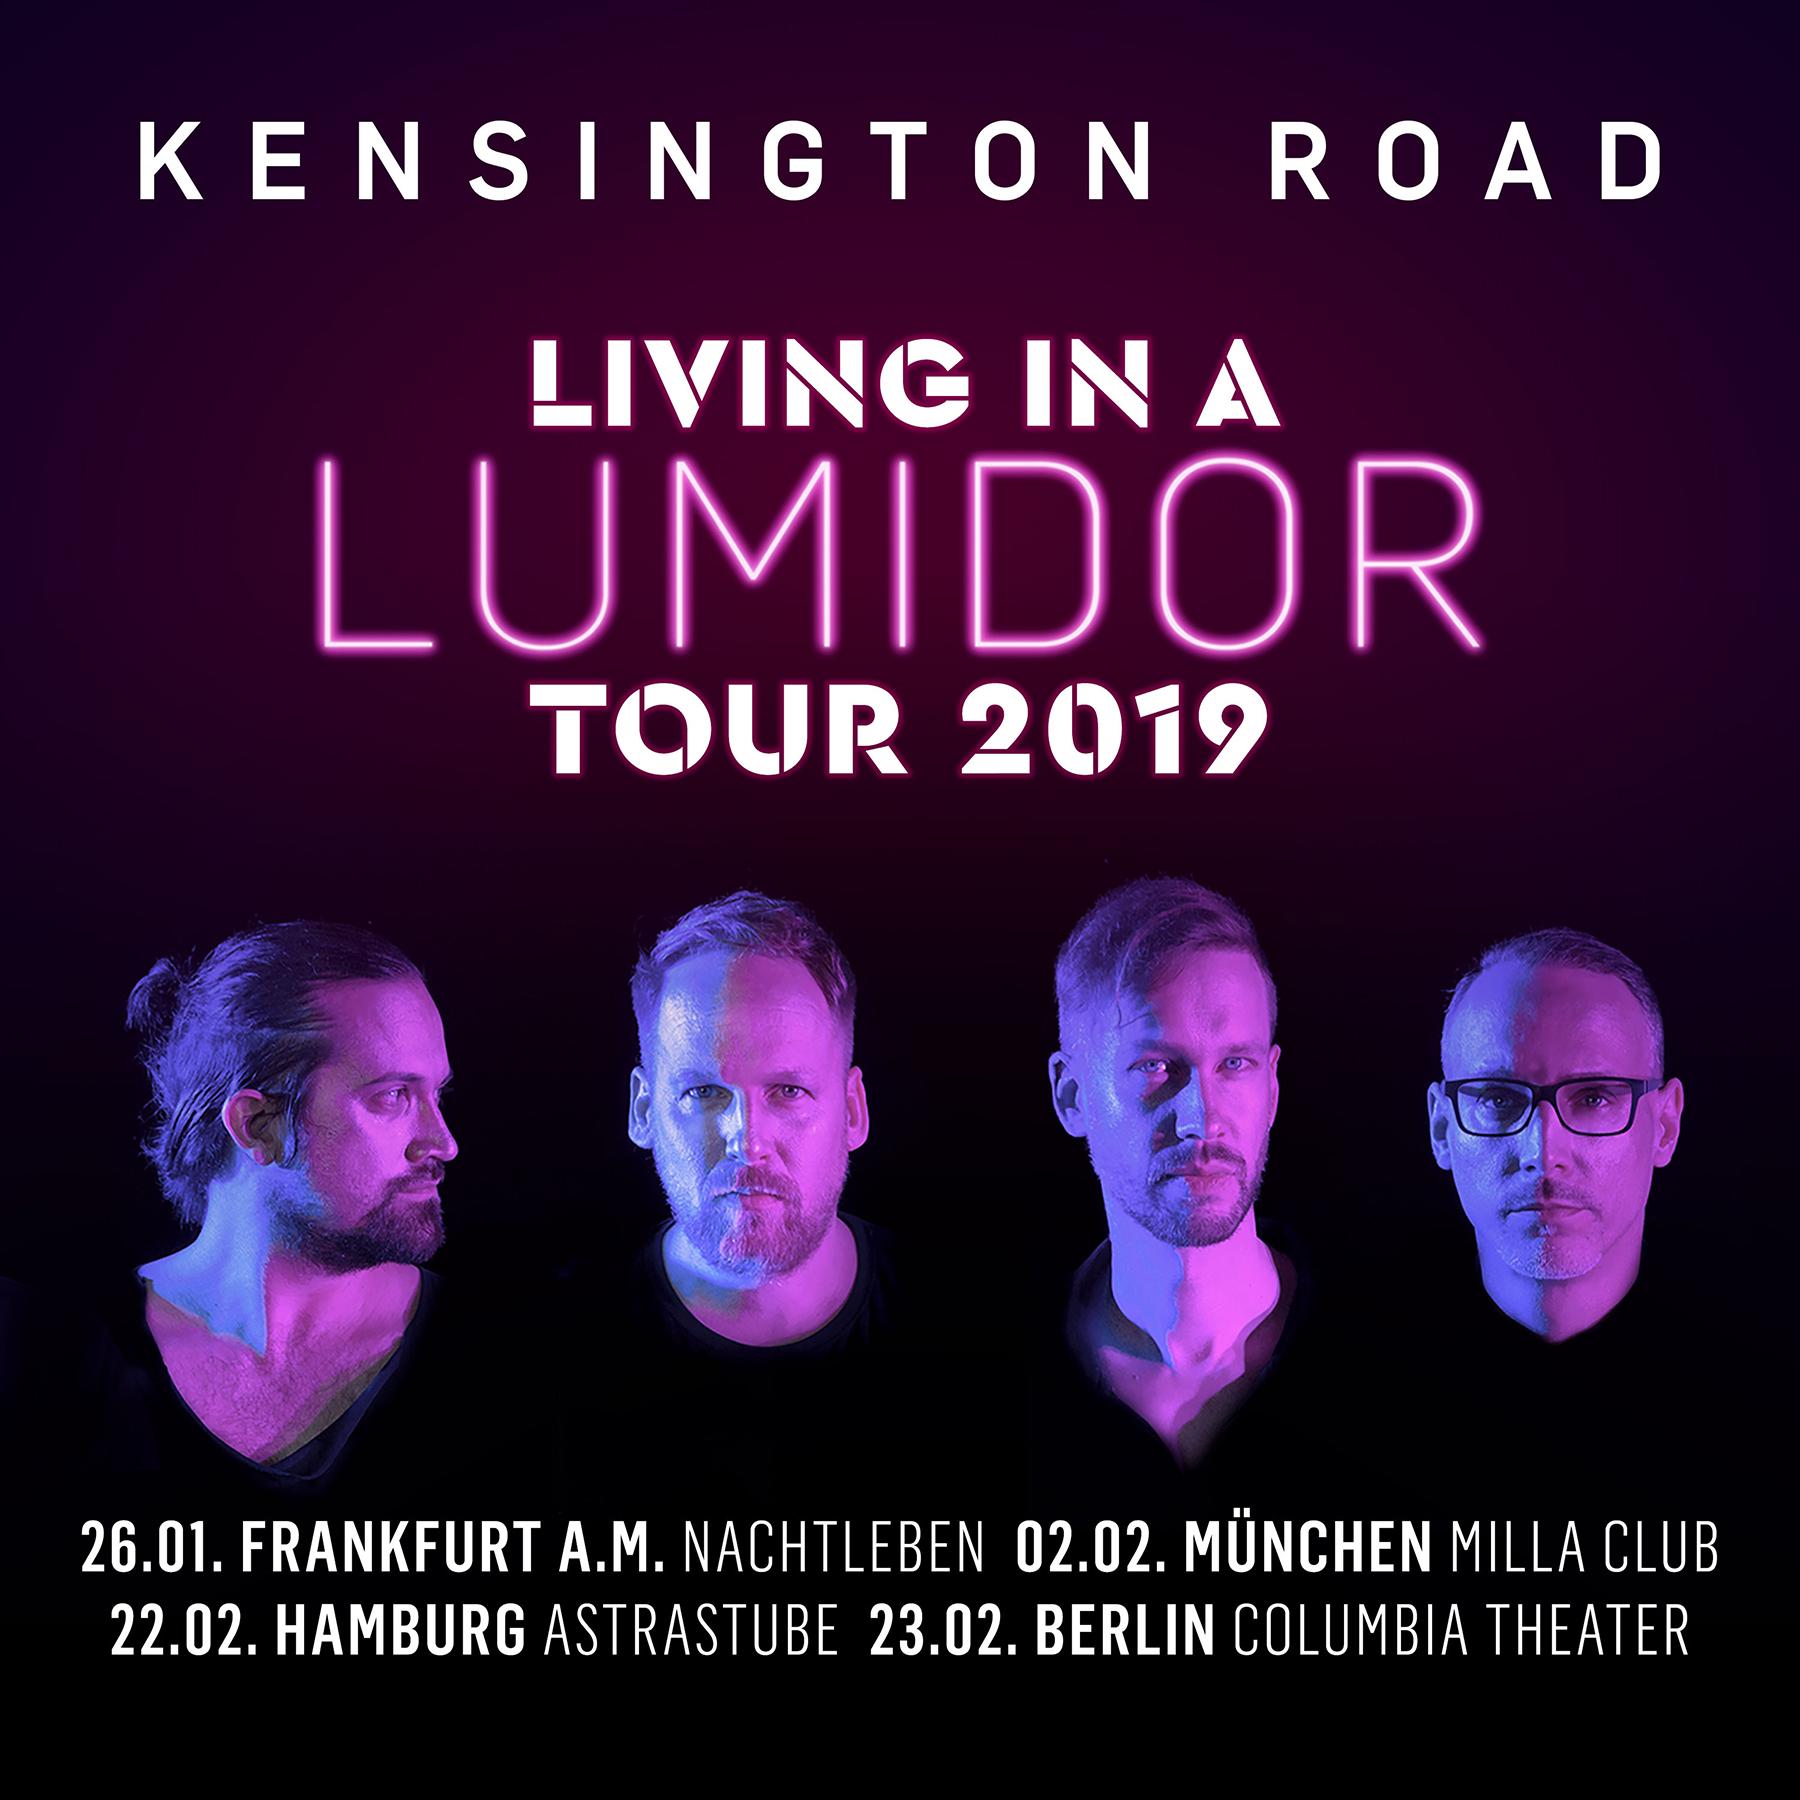 LangweileDich.net präsentiert: Kensington Road Tour 2019 Kensington-Road-Lumidor-Tour_03